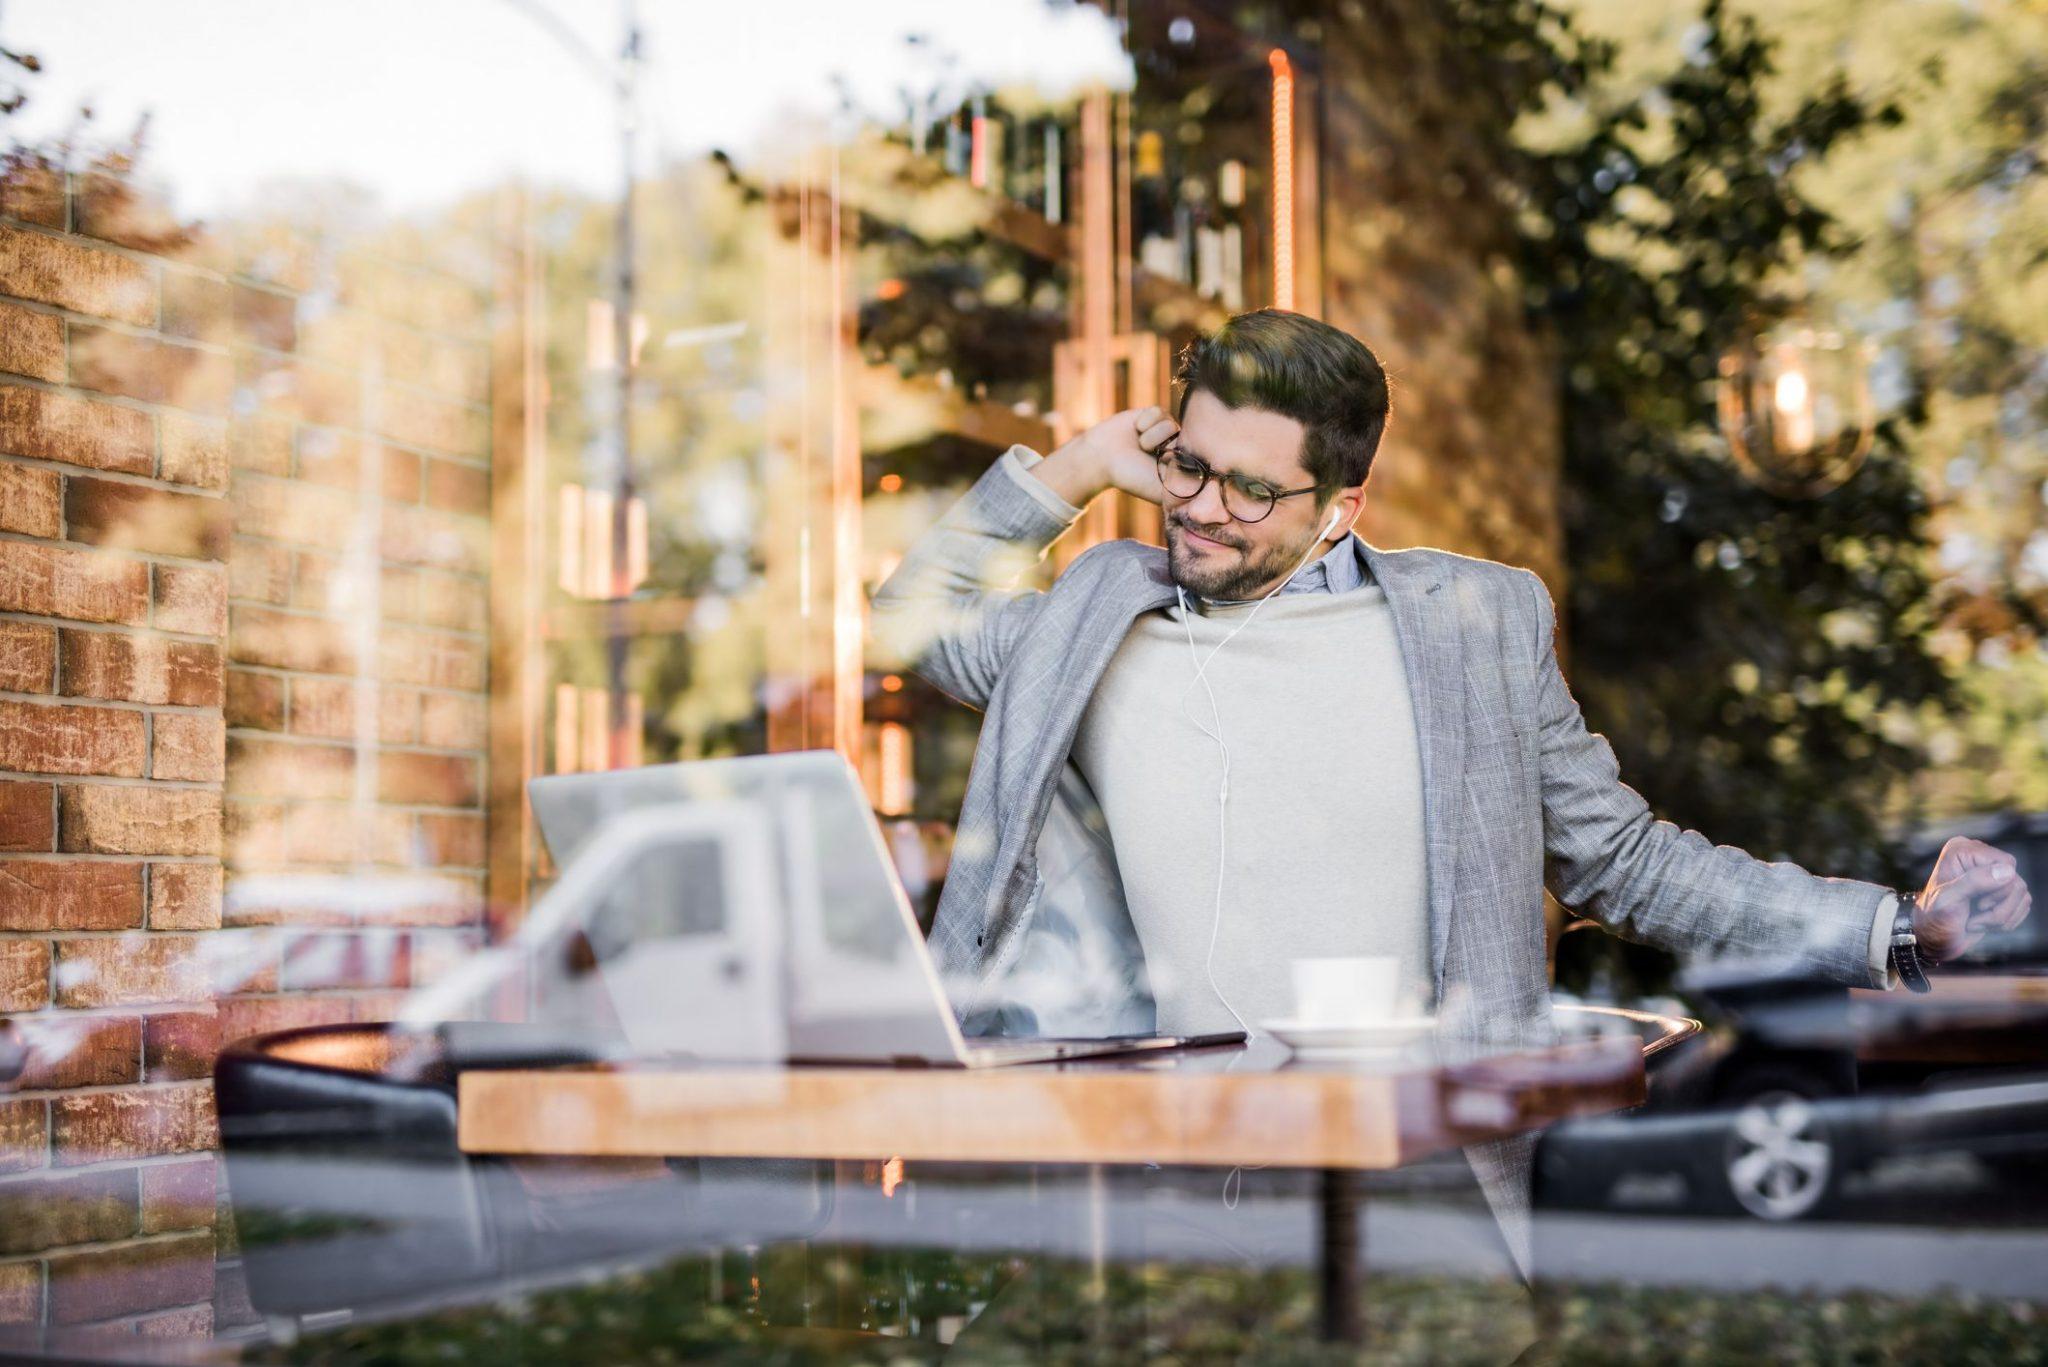 Quer saber como parar de procrastinar? Veja 7 dicas infalíveis!